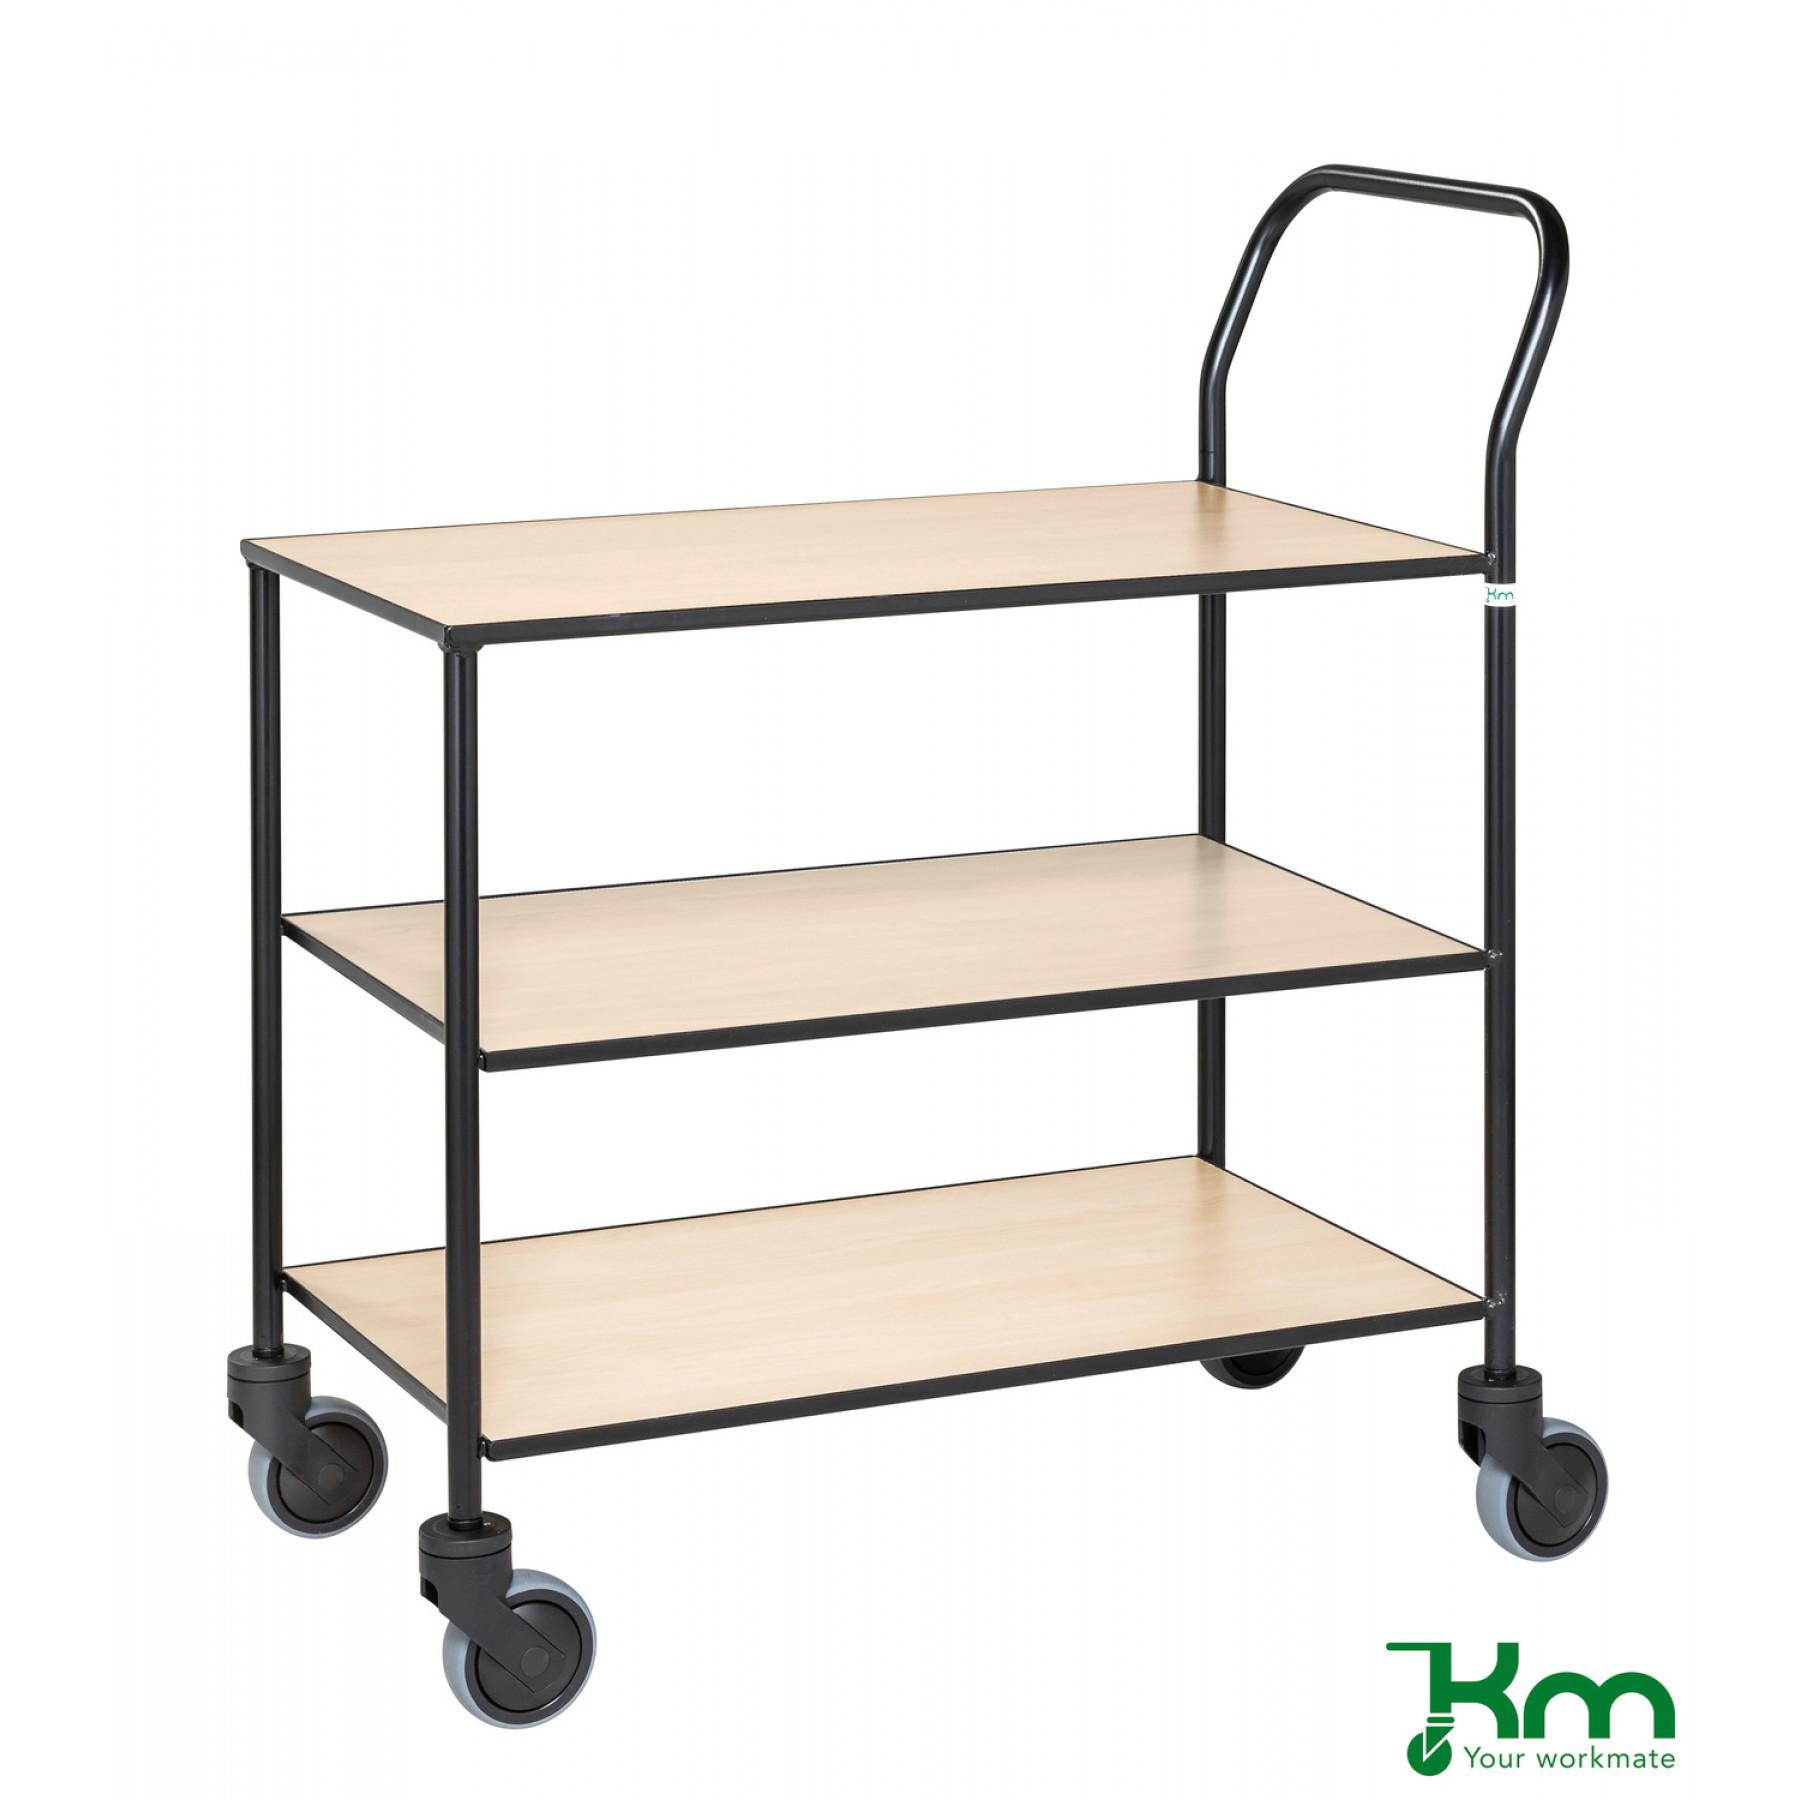 Design tafelwagen met berkenstructuur toplaag, KM 873-BJ